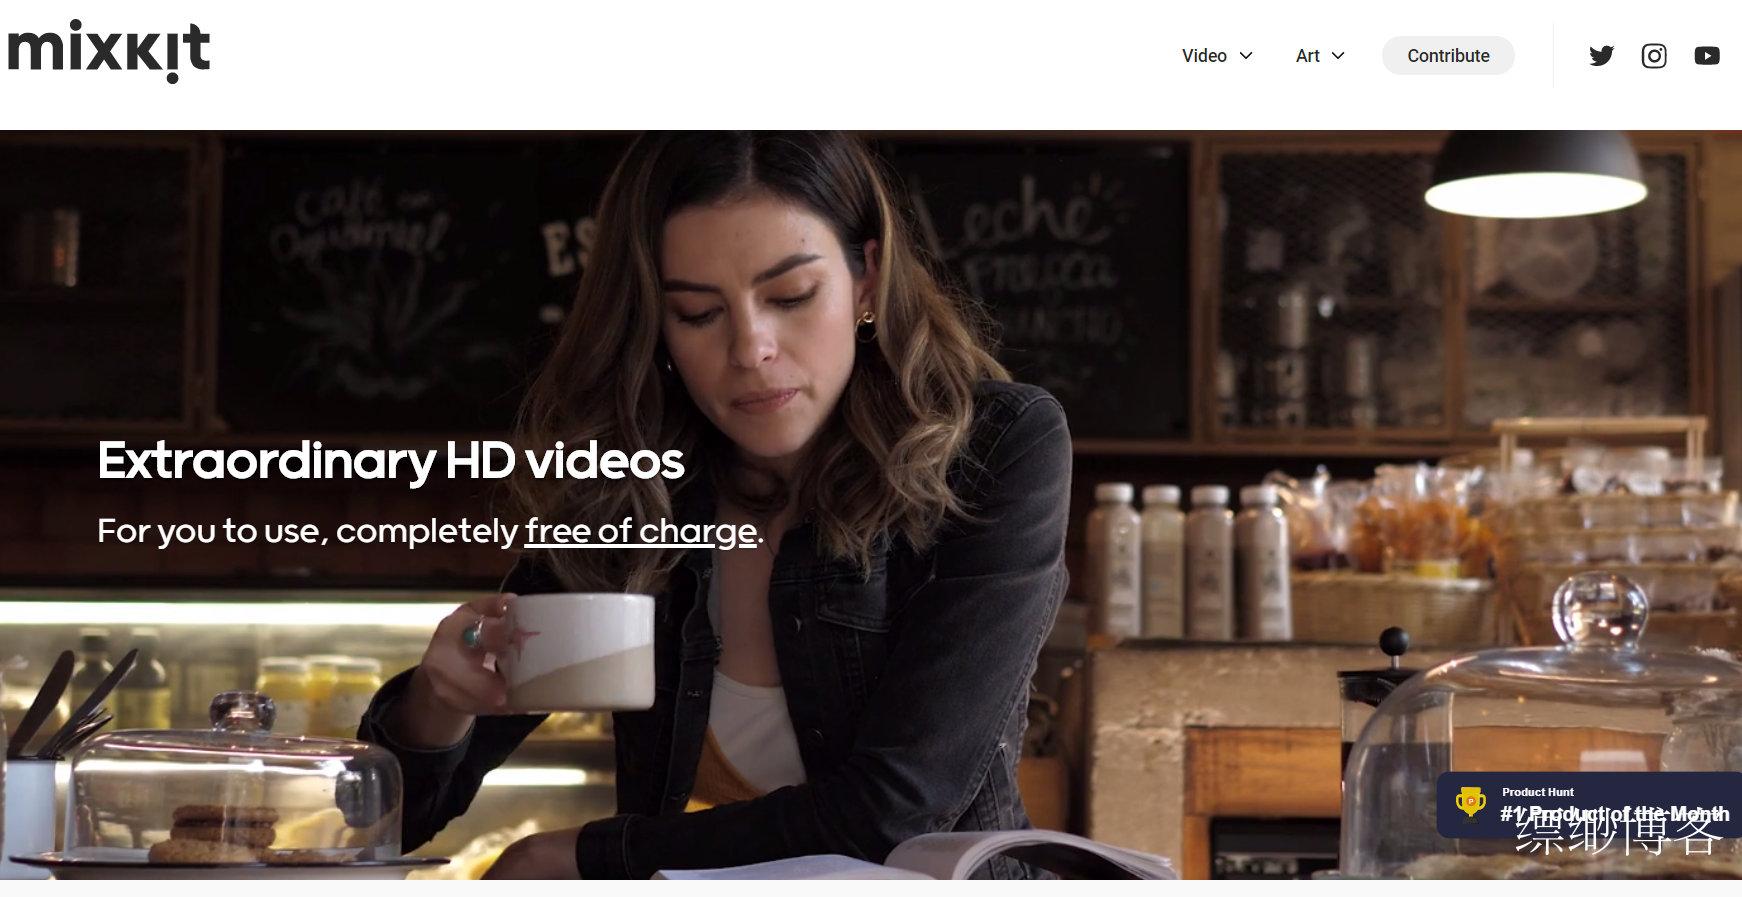 实用精品网站分享2:视频素材/在线工具/ppt下载/综合搜索